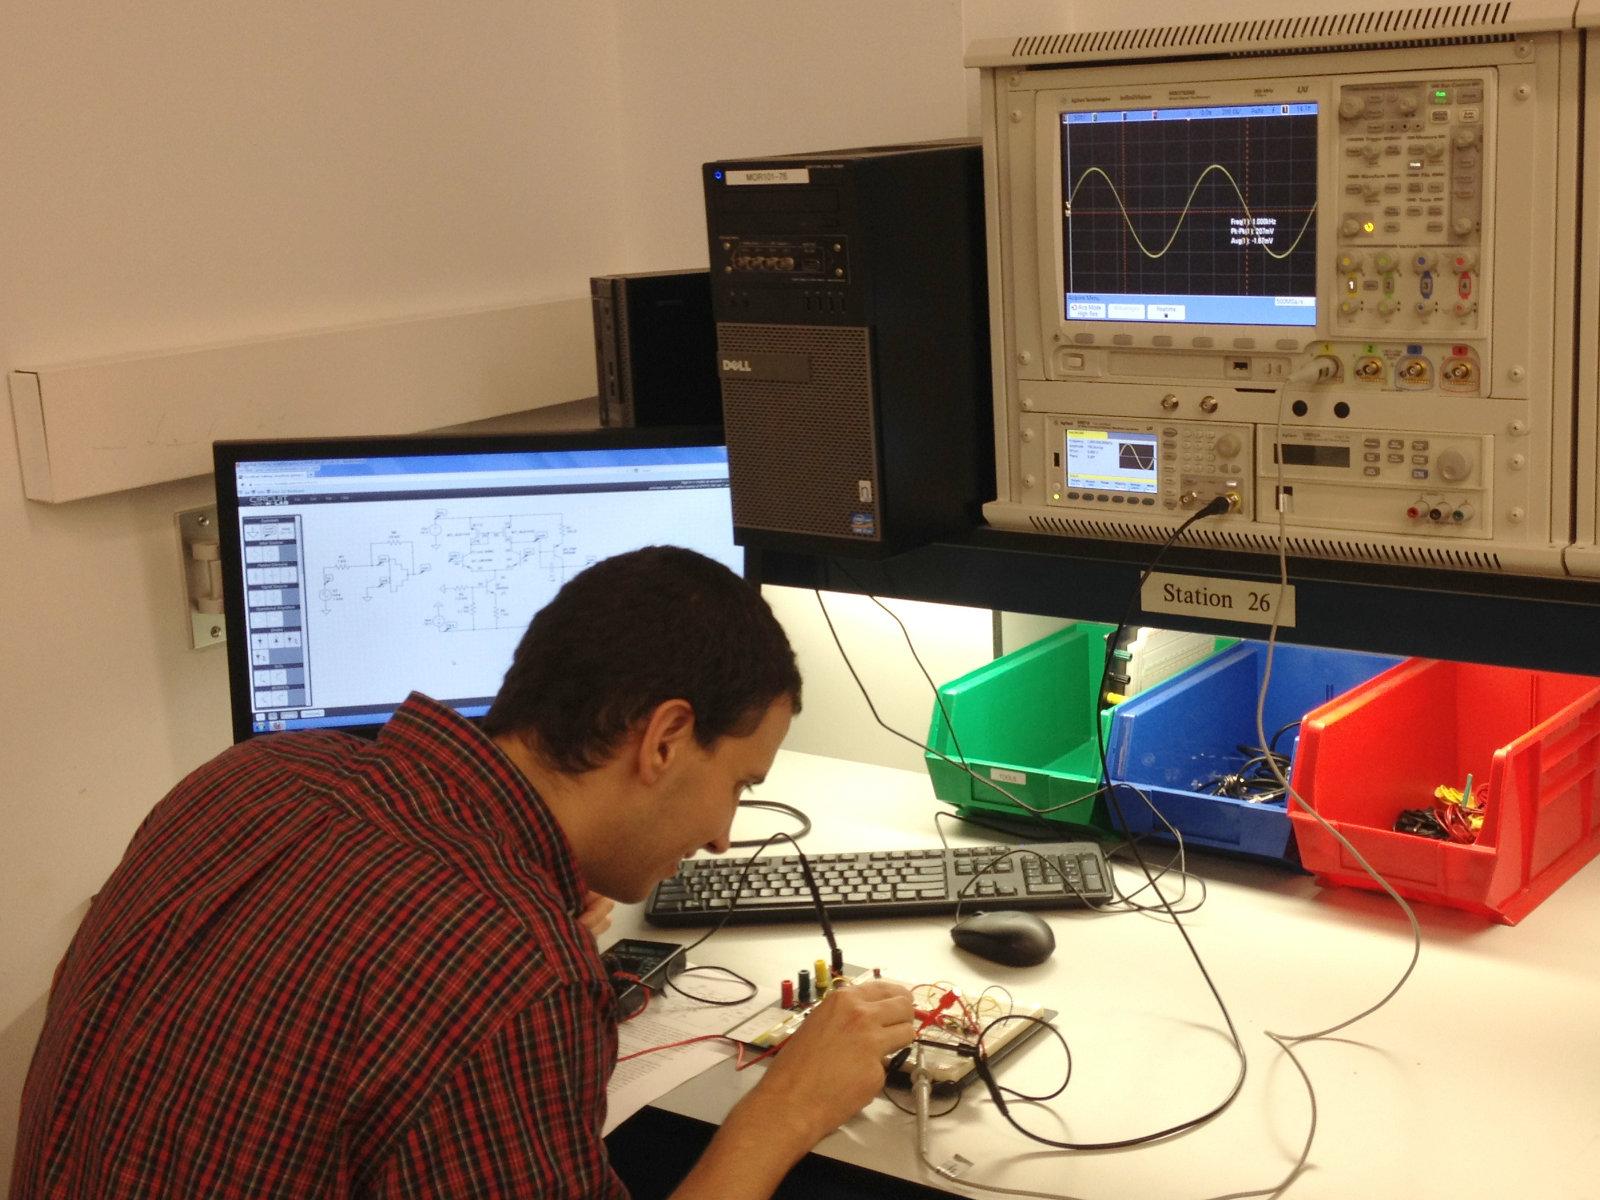 CircuitLab circuit simulator at Penn